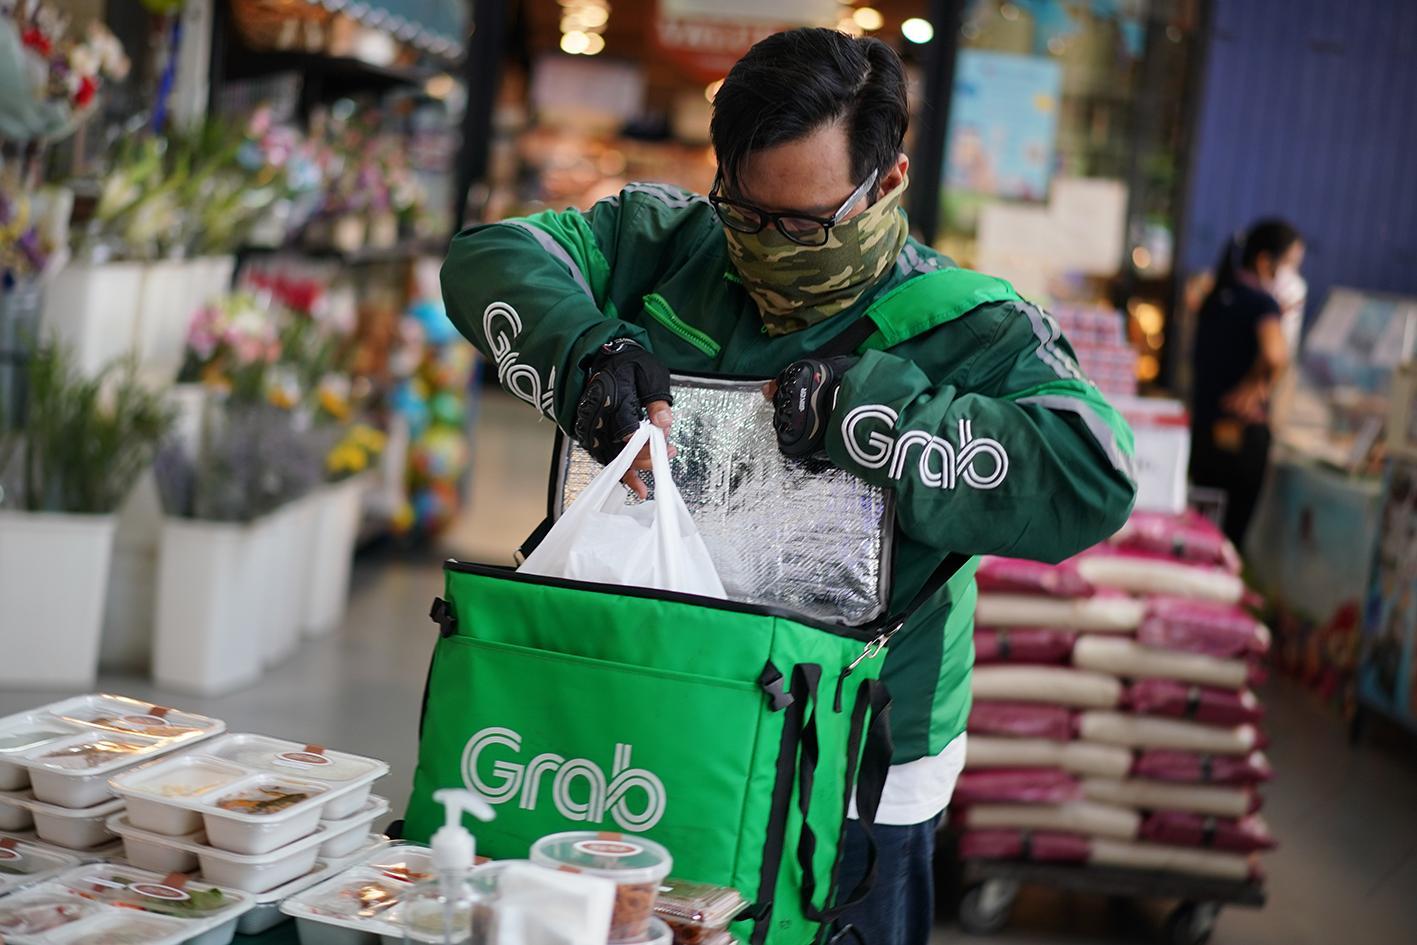 eateries, Restaurants Struggling After Indoor Dining Banned in Bangkok